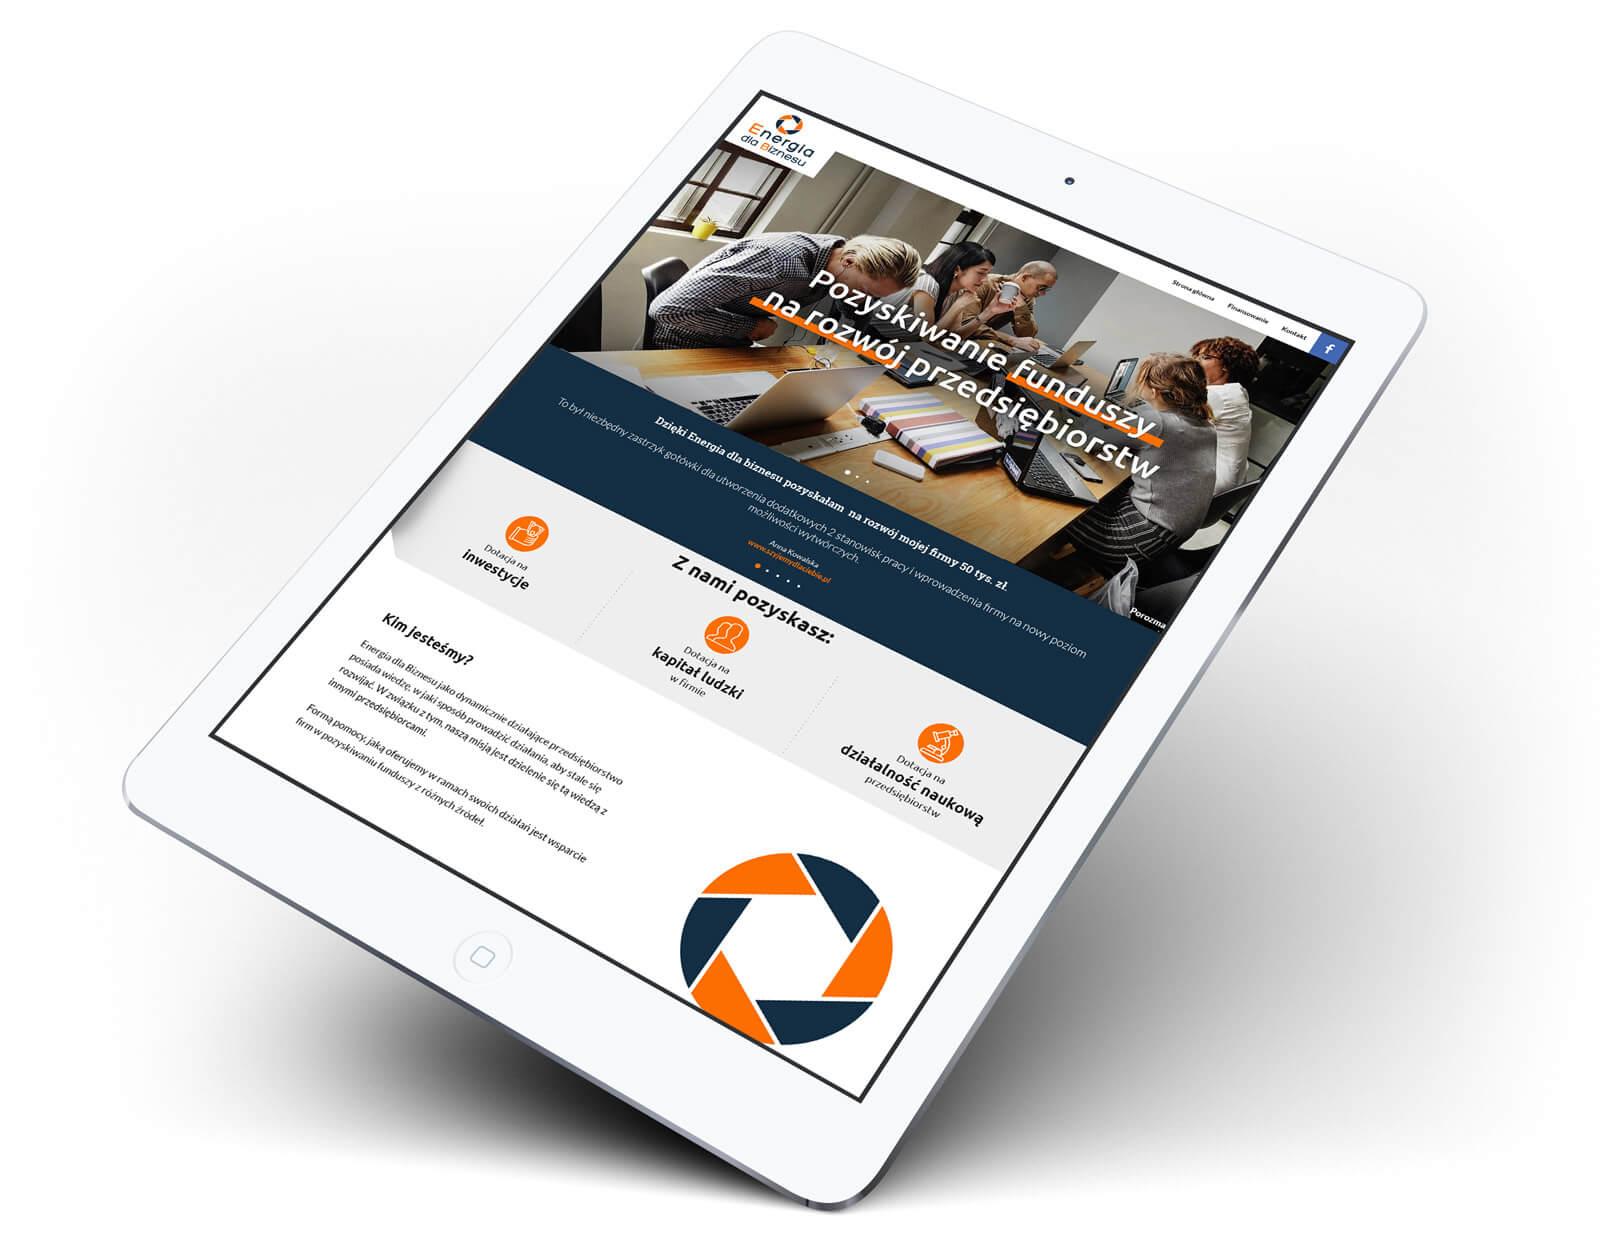 Przykład strony w RWD - Energia dla biznesu na tablecie